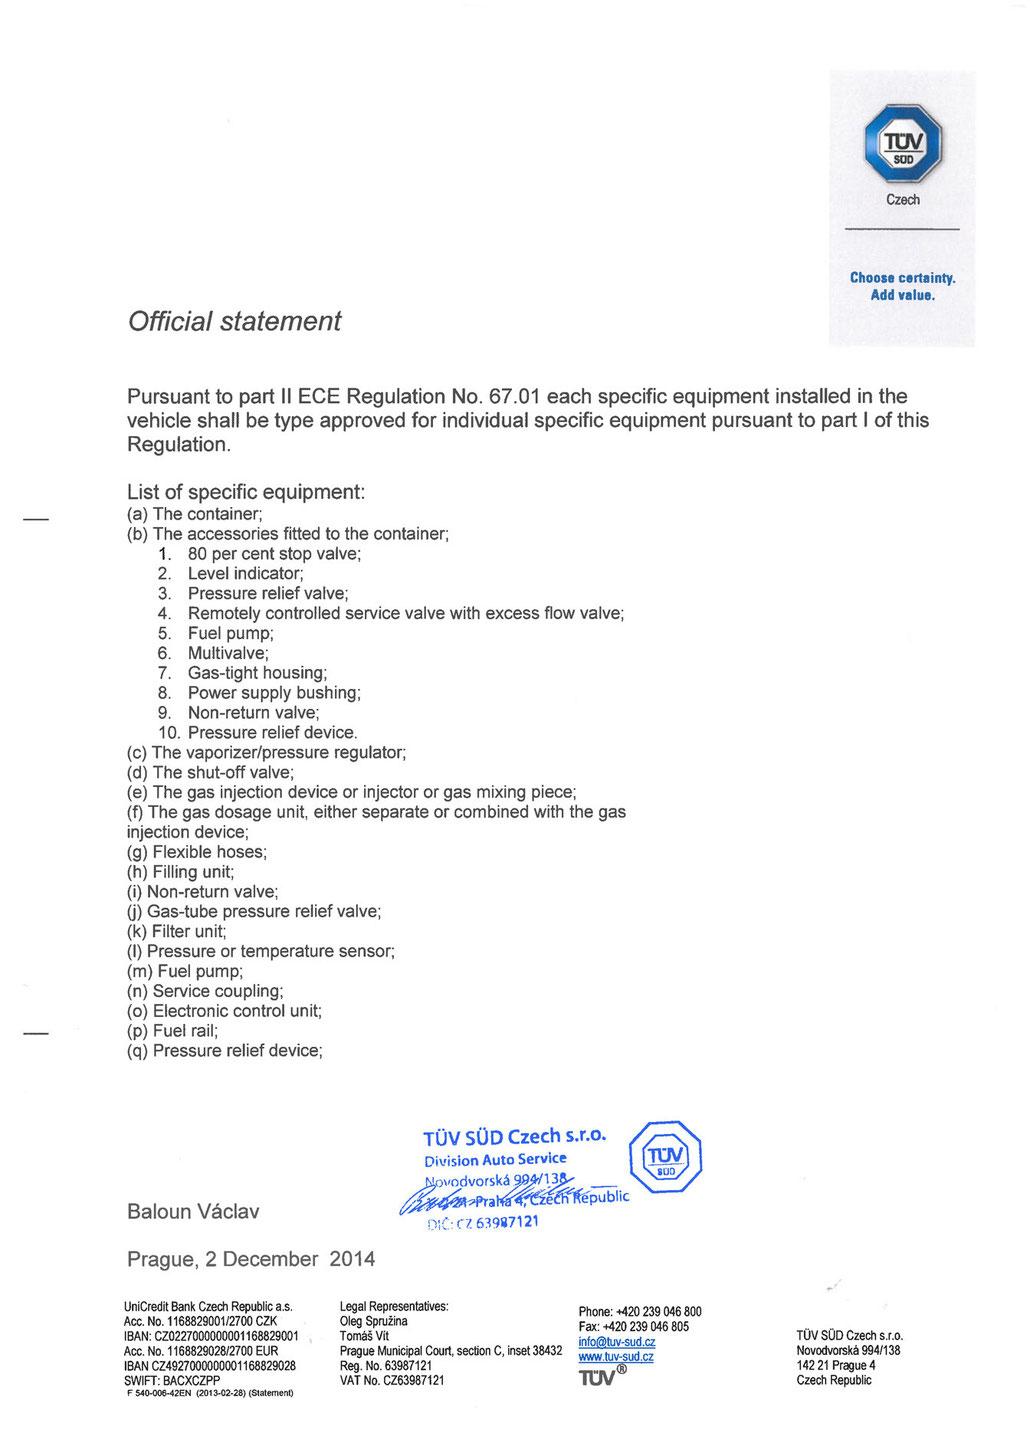 Offizielles Statement des TÜV Süd zur ECE R67.01 Norm die beinhaltet, dass LPG-Pumpen eine Homologation nach R67.01 benötigen